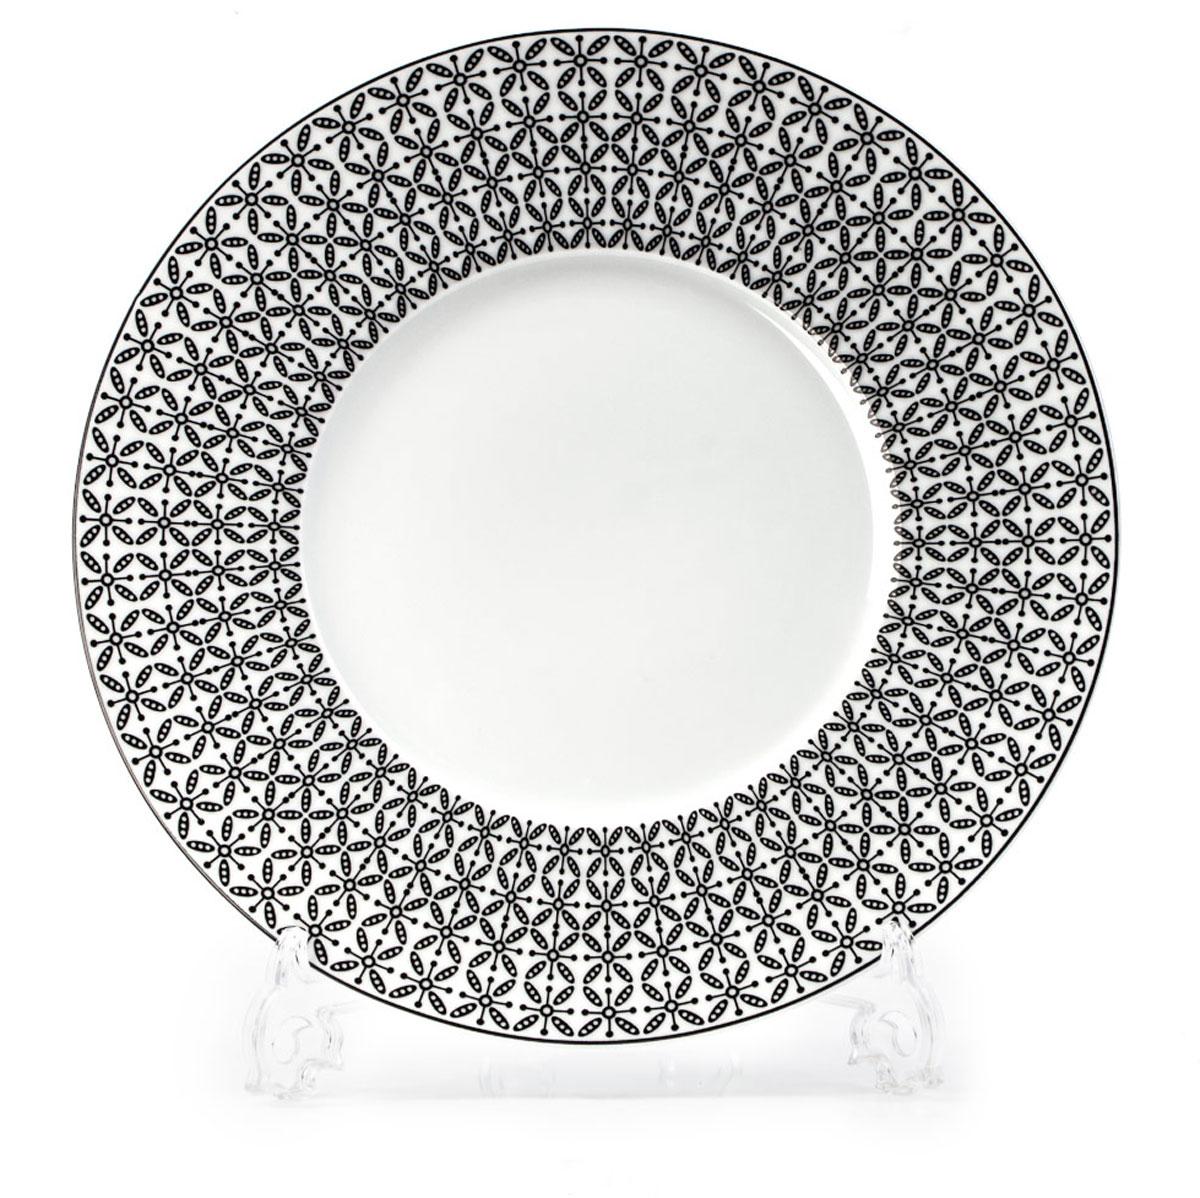 Тарелка La Rose des Sables Ажур, цвет: черный, диаметр 27 см830127 2300